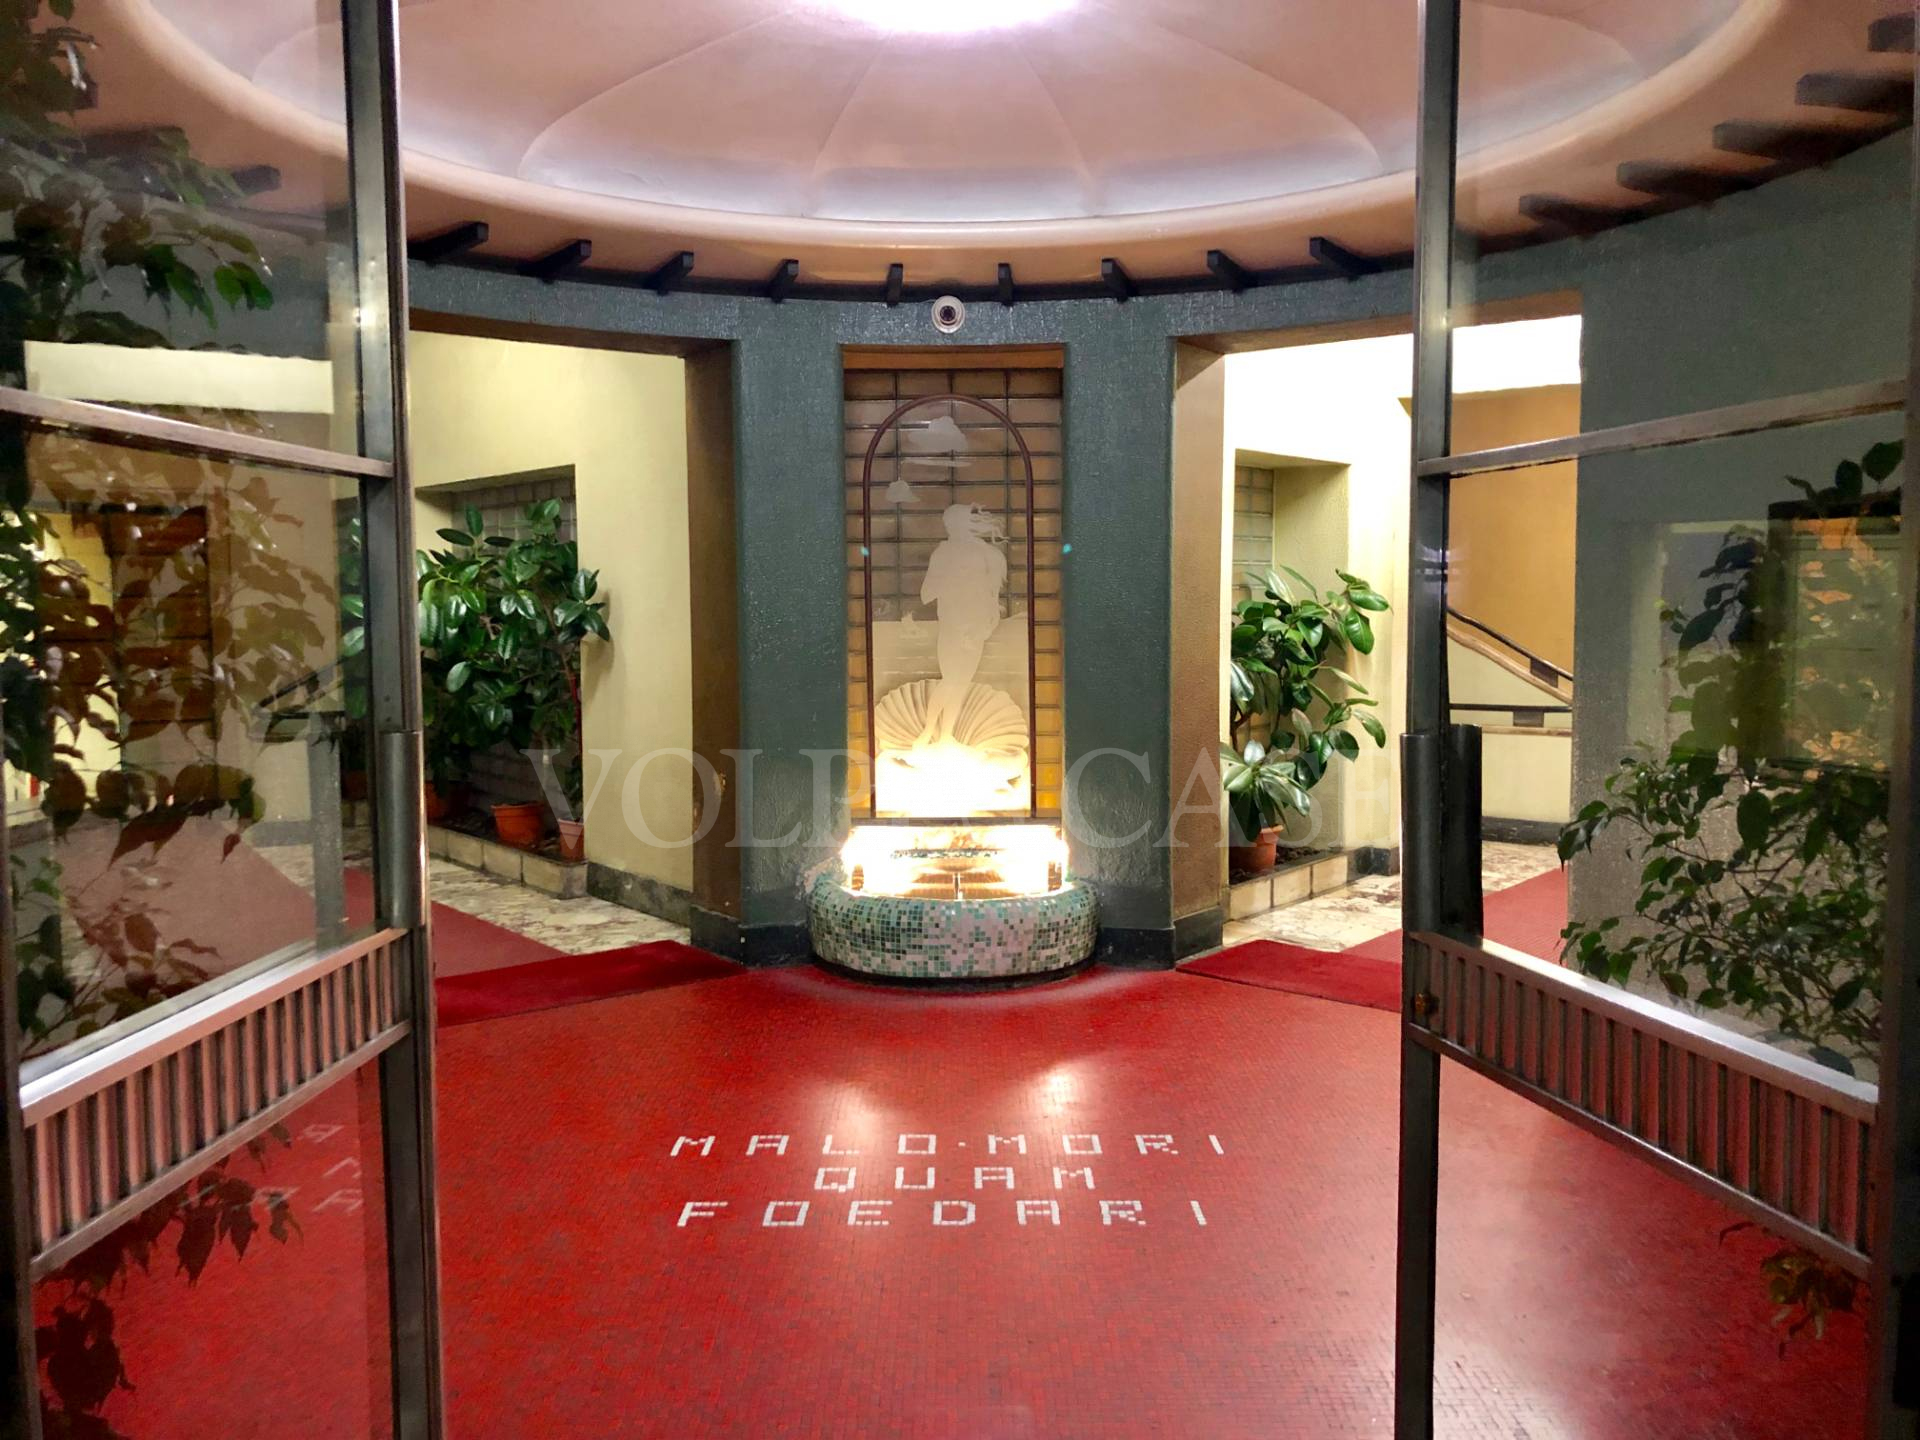 Appartamento in vendita a Roma, 4 locali, zona Zona: 4 . Nomentano, Bologna, Policlinico, prezzo € 365.000 | CambioCasa.it